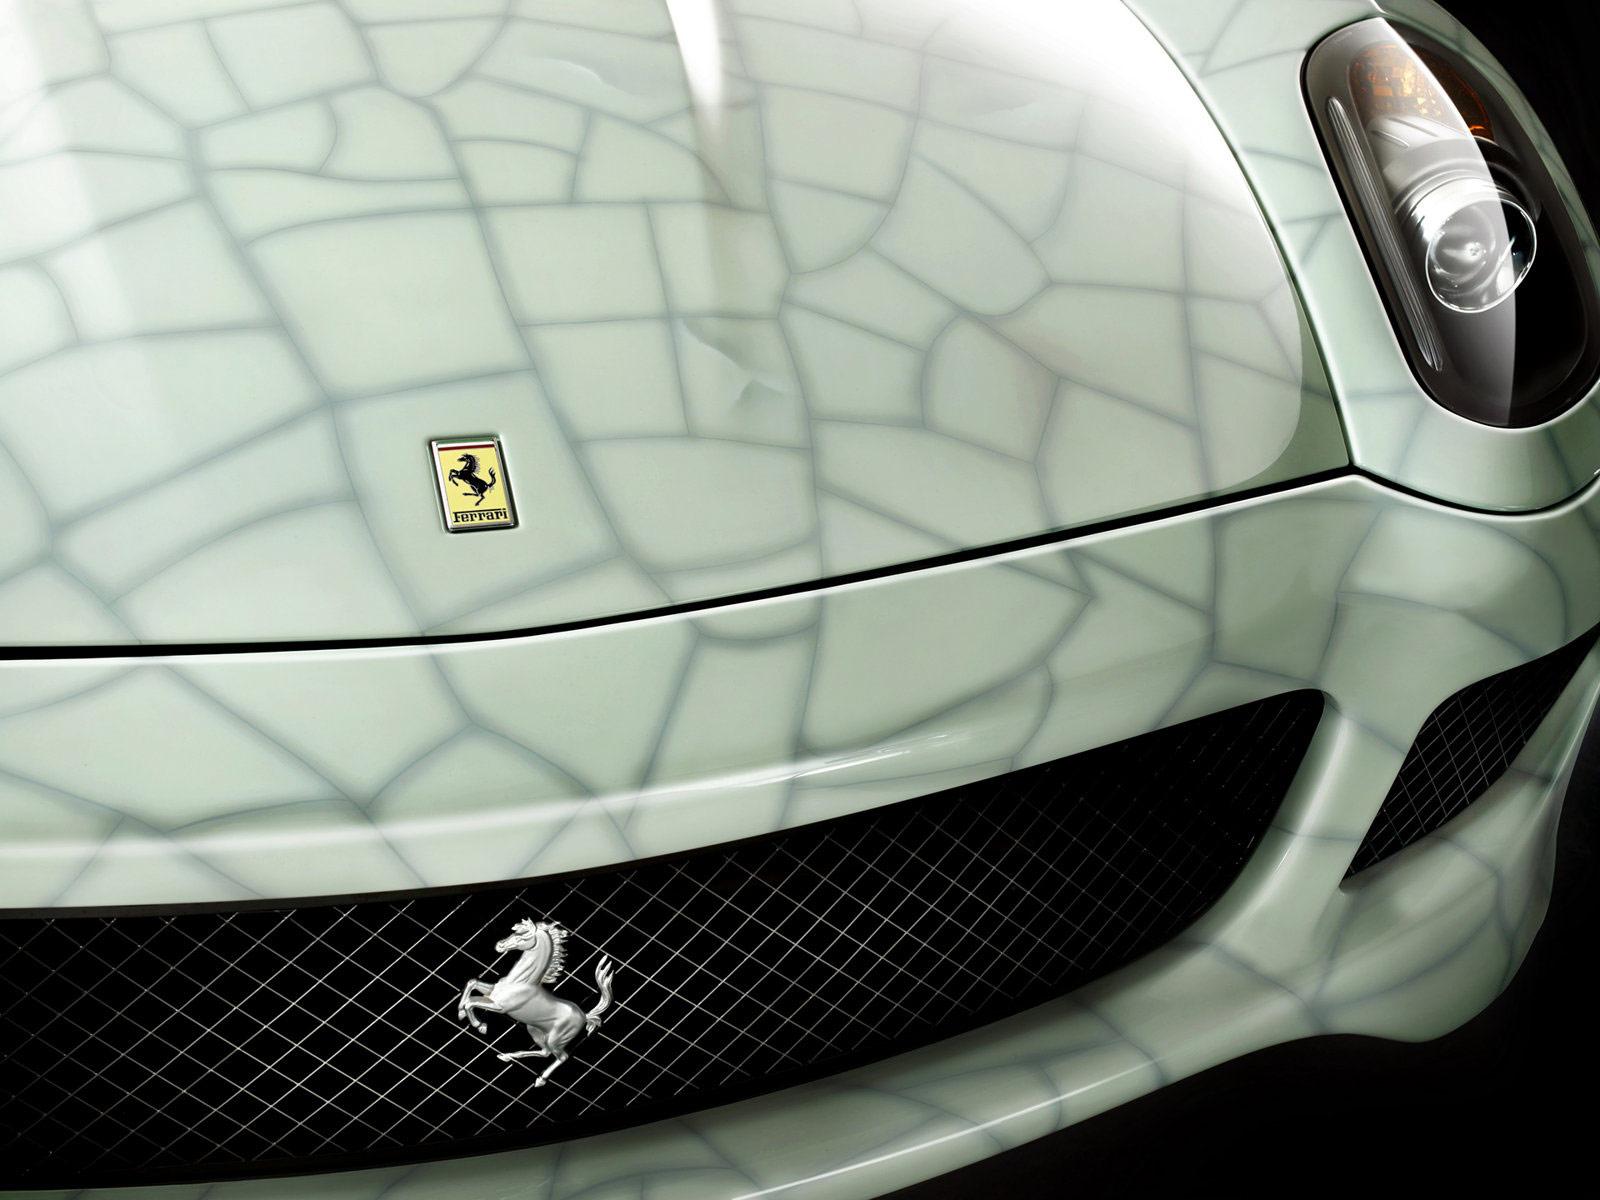 http://2.bp.blogspot.com/_m_XWwB73yT4/S-MTPN-QK7I/AAAAAAAABrg/kNq5kzJFJaE/s1600/Ferrari_599%2B_GTB_Fiorano_China_2009_6.jpg